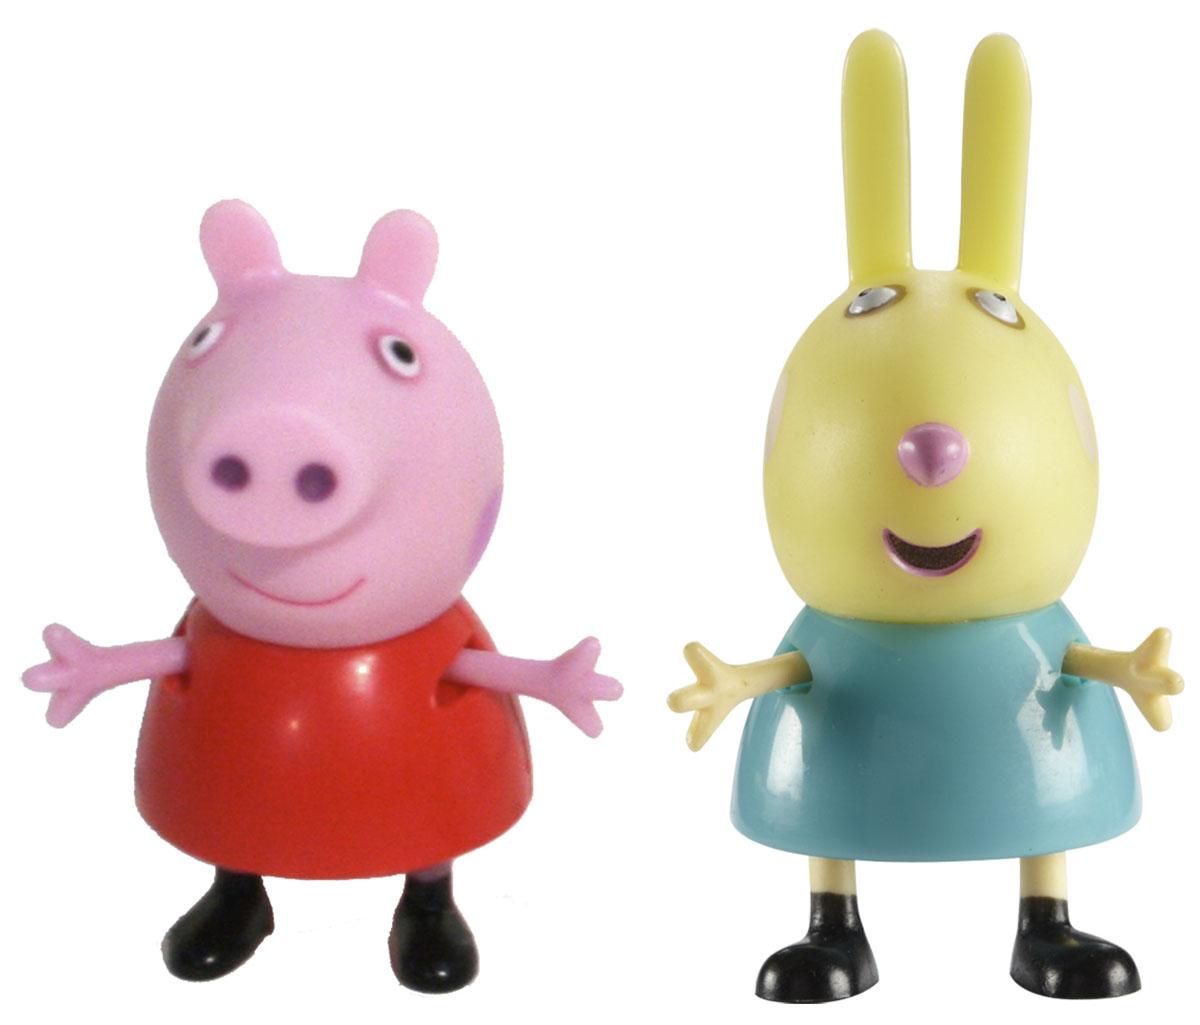 Peppa Pig Набор фигурок Пеппа и Ребекка28815С набором фигурок Пеппа и Ребекка любимый мультфильм оживет прямо у вас дома, а малыш станет участником веселых приключений Пеппы и ее друзей. Набор включает в себя фигурки Пеппы и Ребекки, которые умеют шевелить ручками и ножками. Игрушки выполнены из безопасного для детского здоровья пластика и раскрашены нетоксичными красками. Такой набор вызовет массу положительных эмоций у ребенка и позволит придумать массу увлекательных сюжетов для игр!